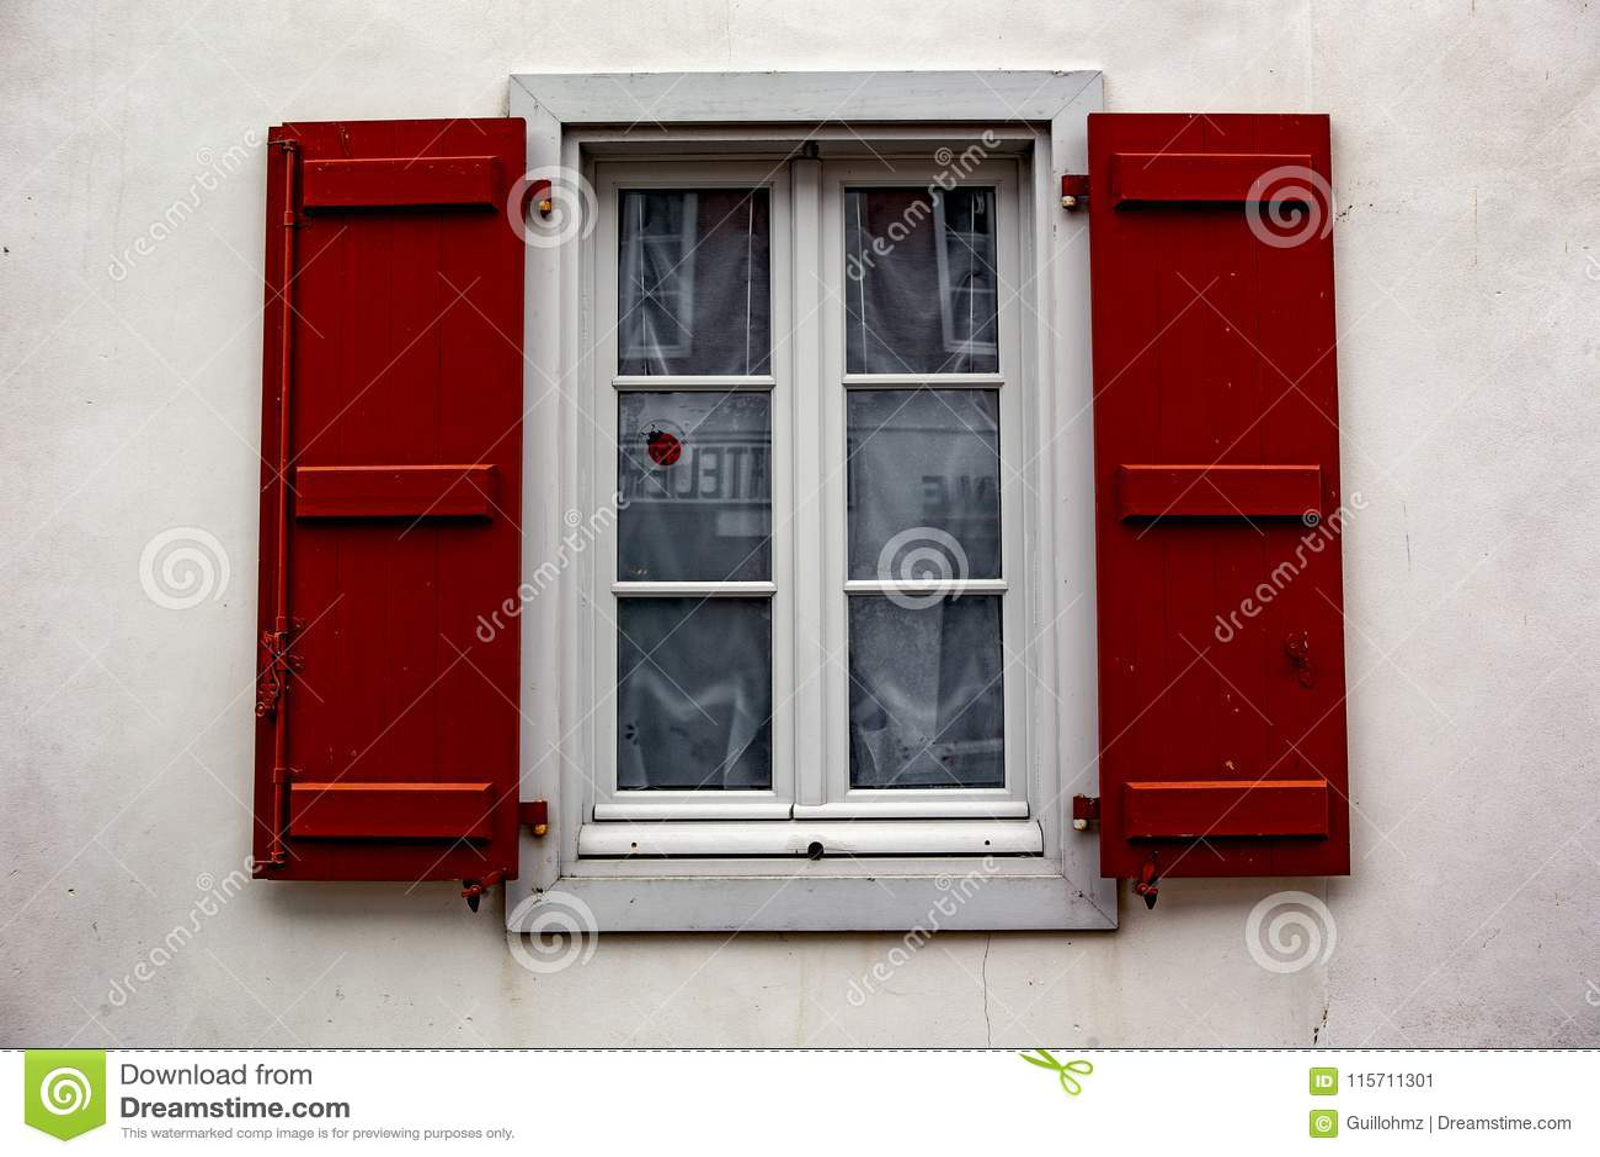 Janela vermelha - Espelette